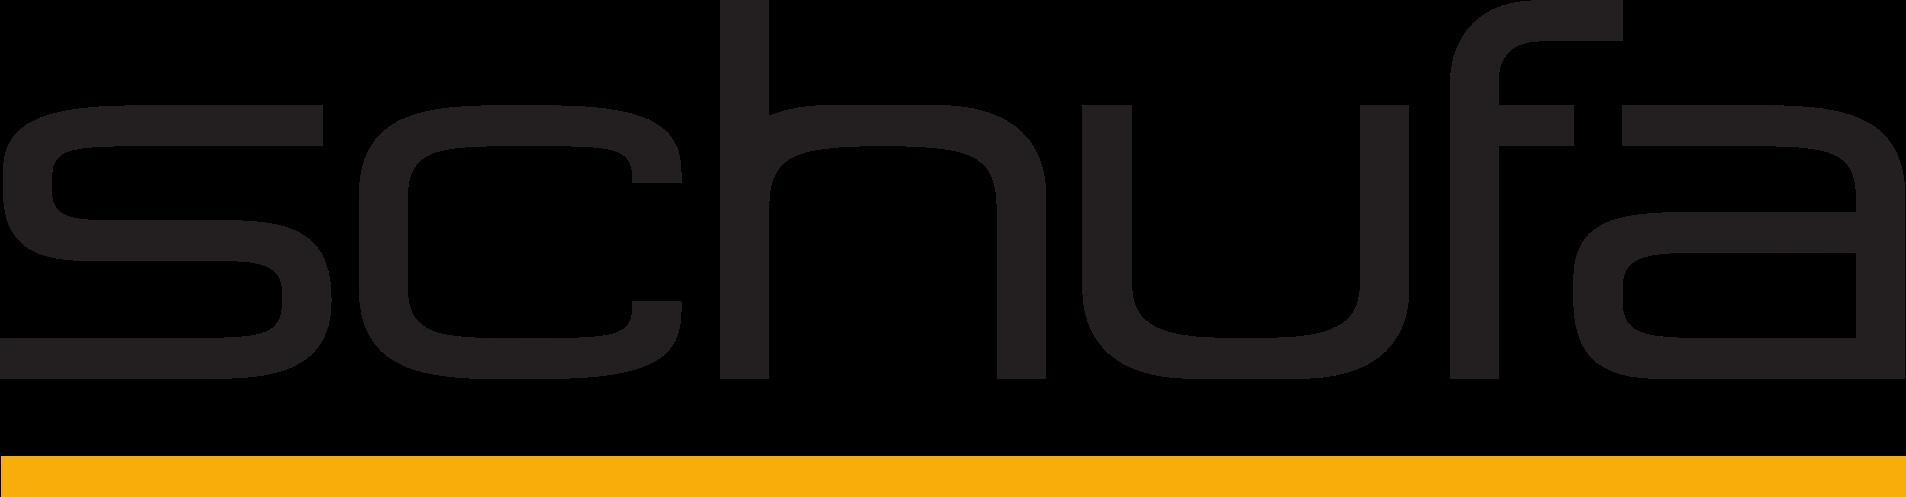 SCHUFA Holding AG